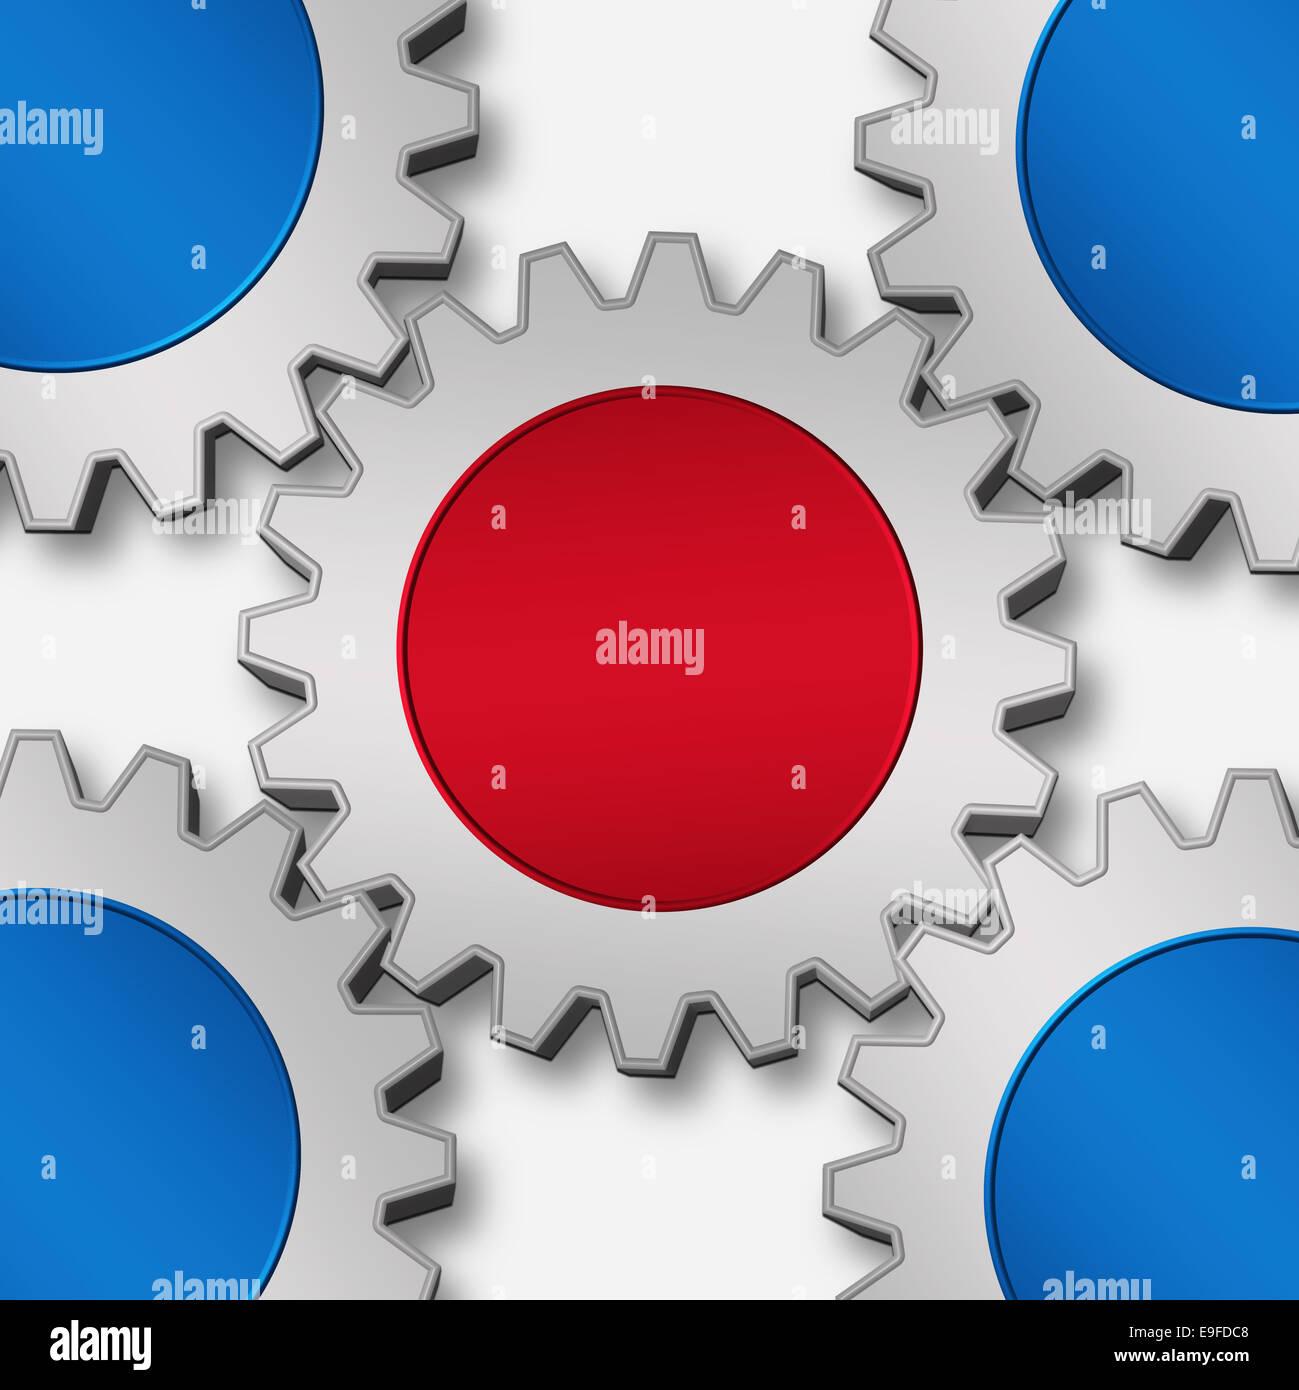 Lavoro di gruppo e sinergia Immagini Stock